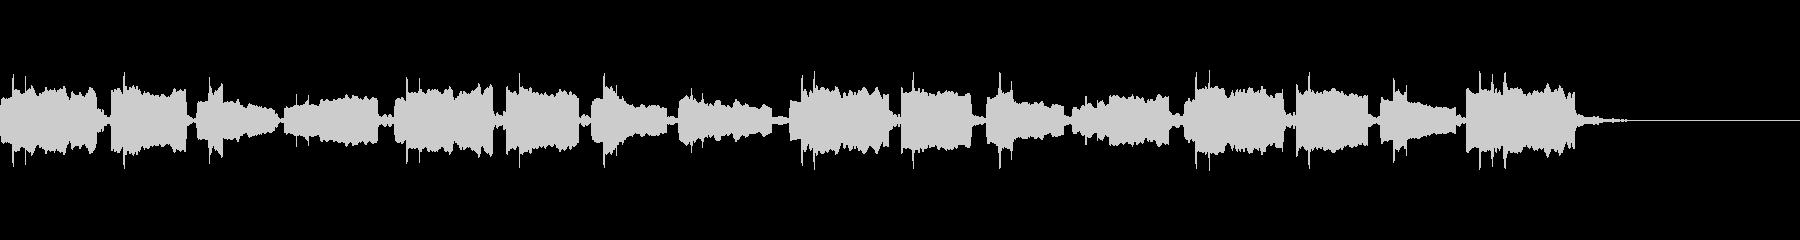 オカリナ|ソロ・日常・郷愁・昔話の未再生の波形